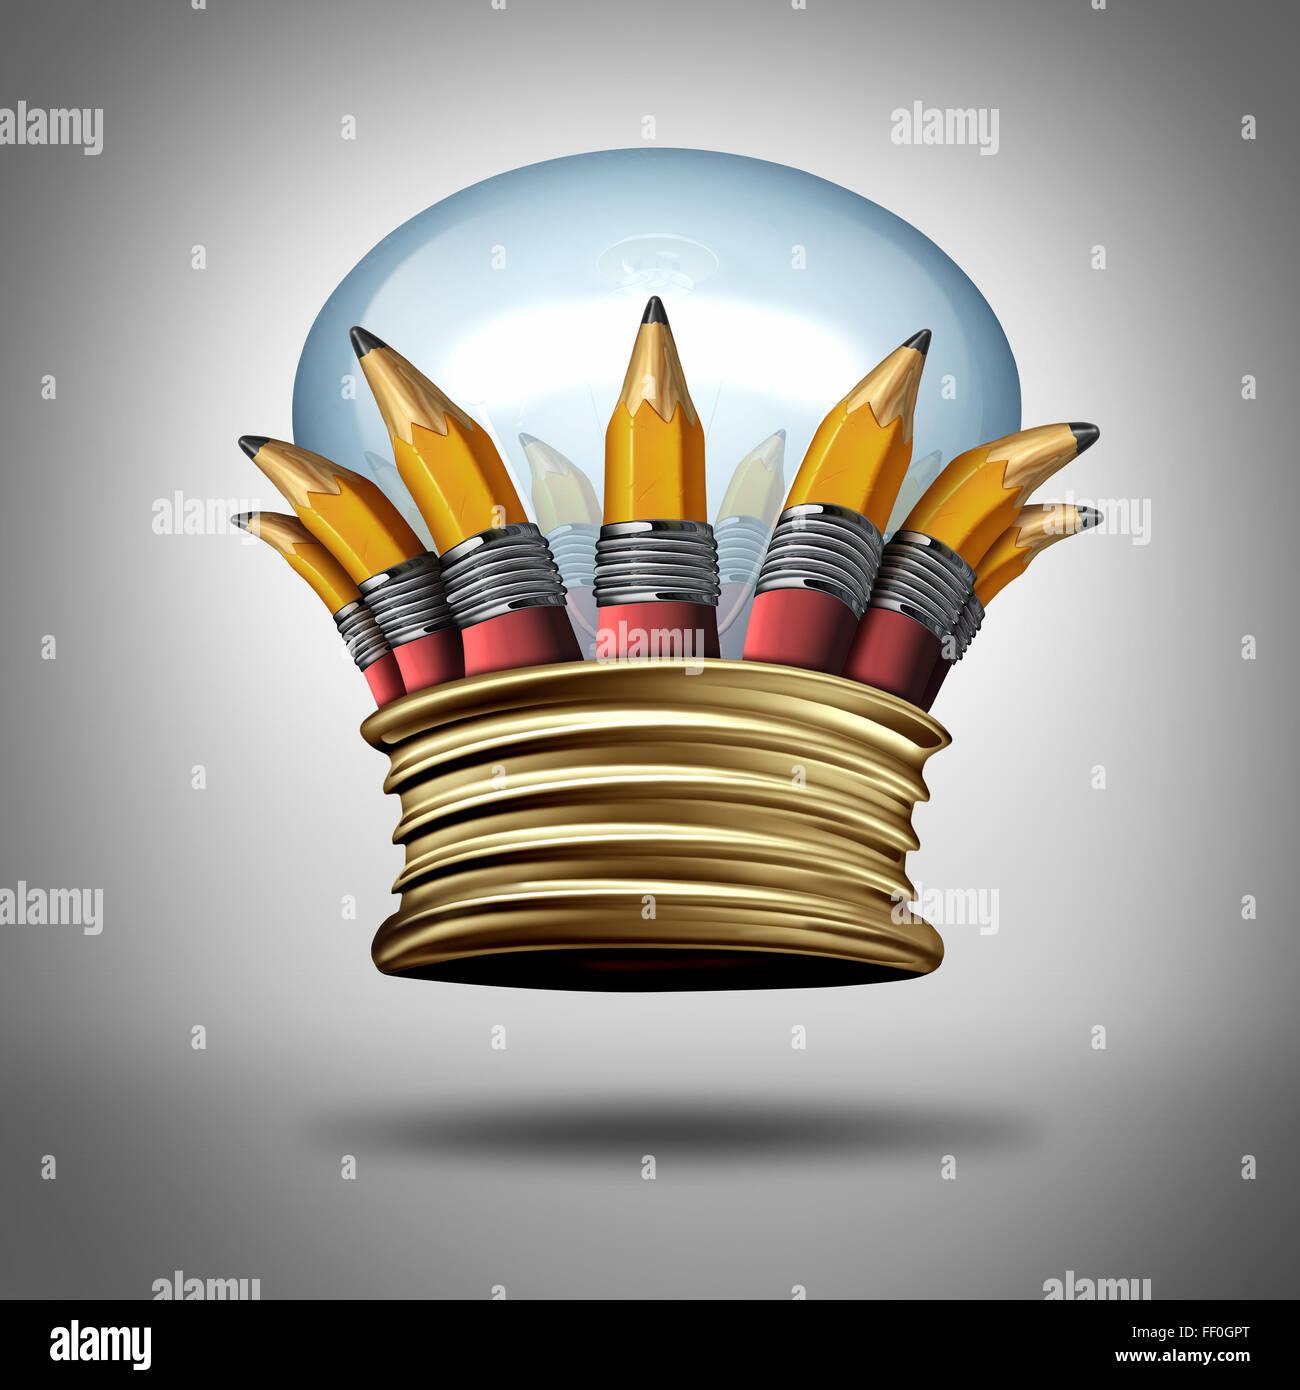 La innovación y las ideas de la corona de rey como un grupo de lápices y una bombilla o lámpara de Imagen De Stock